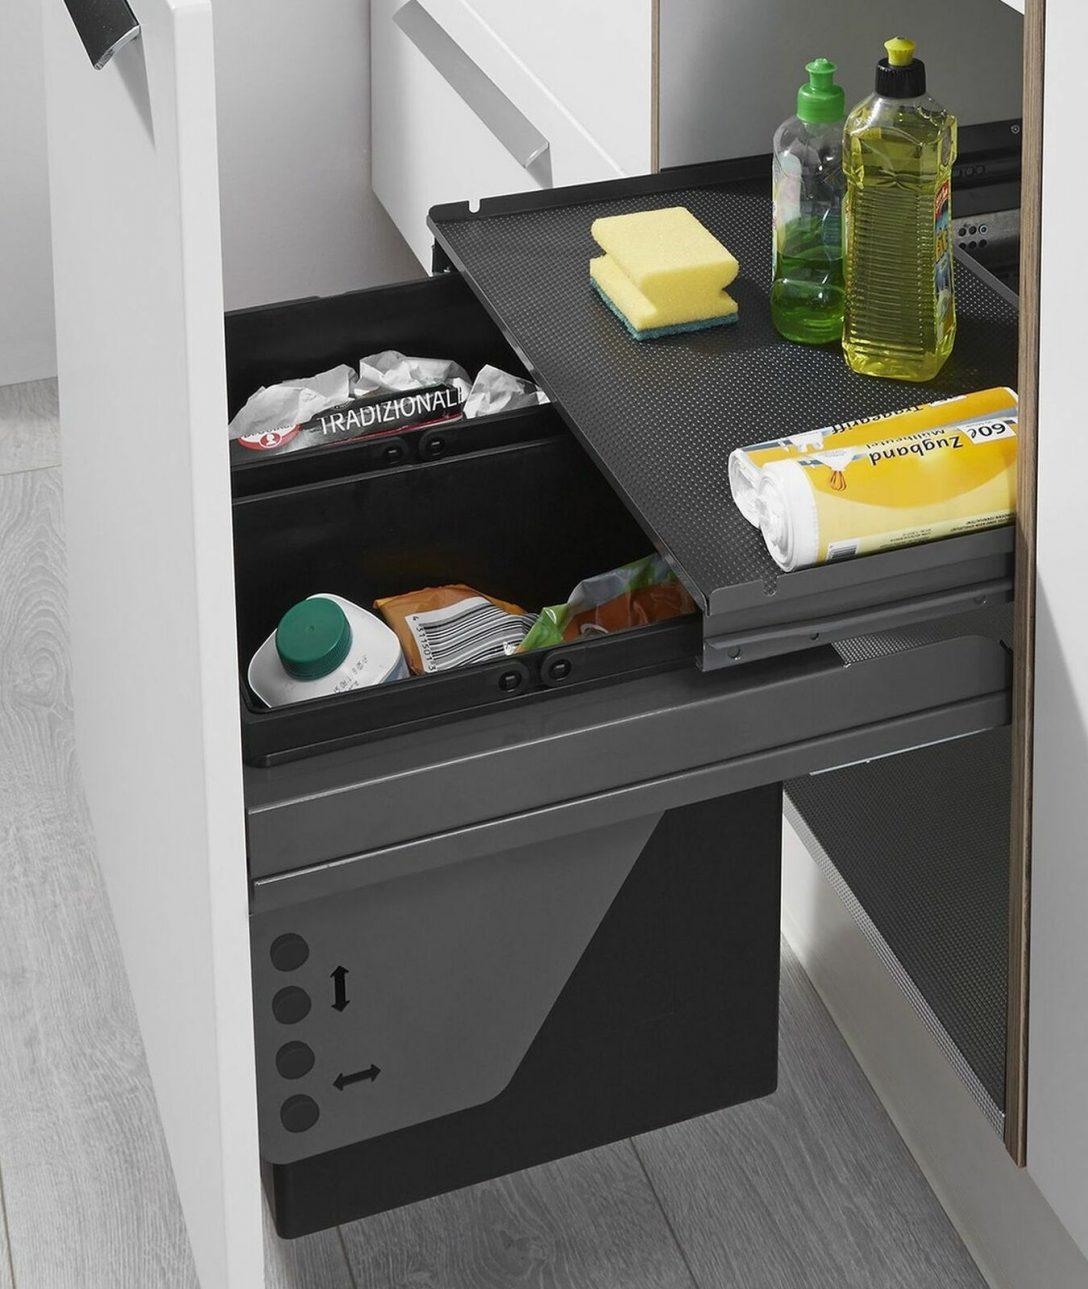 Large Size of Müllsystem Küche Einbaumlleimer Mehr Als 100 Angebote Läufer Granitplatten Landhausstil Ikea Miniküche Arbeitsplatten Edelstahlküche Gebraucht Fototapete Küche Müllsystem Küche